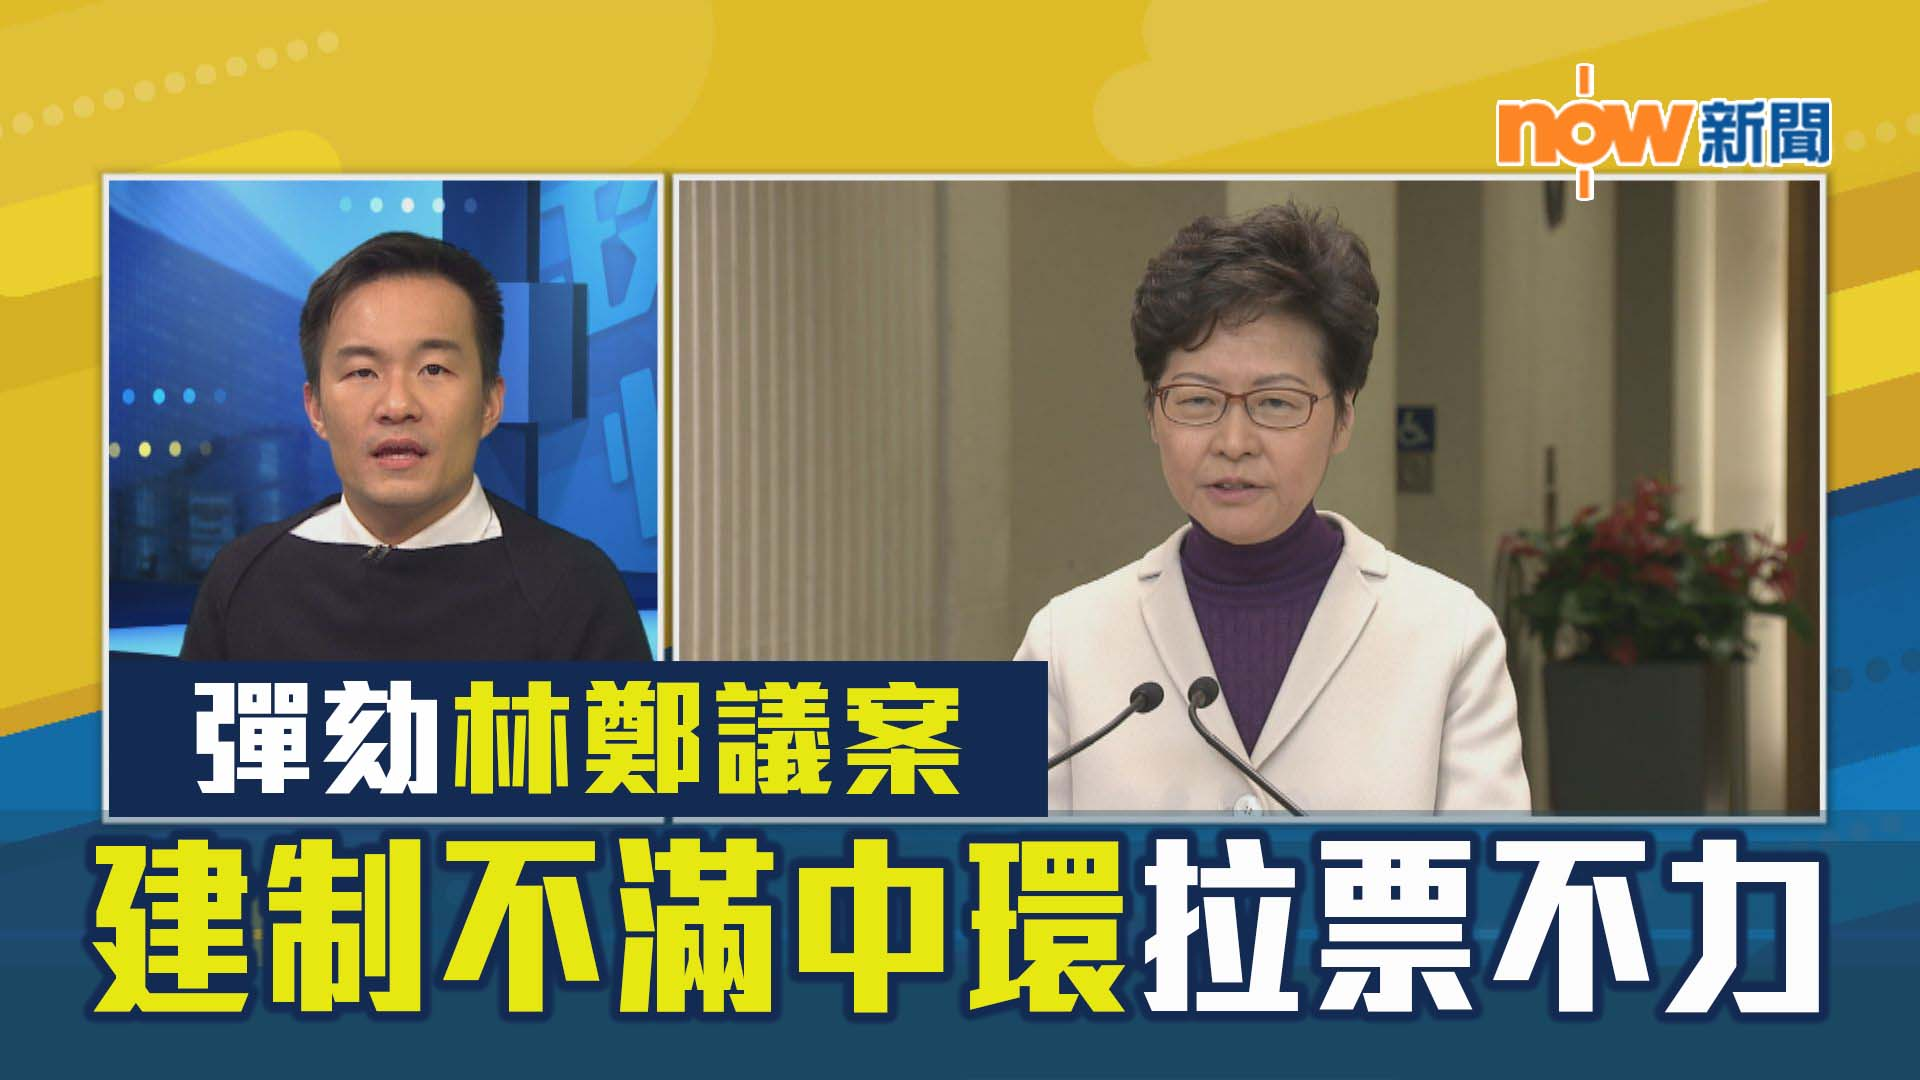 【政情】彈劾林鄭議案 建制不滿中環拉票不力